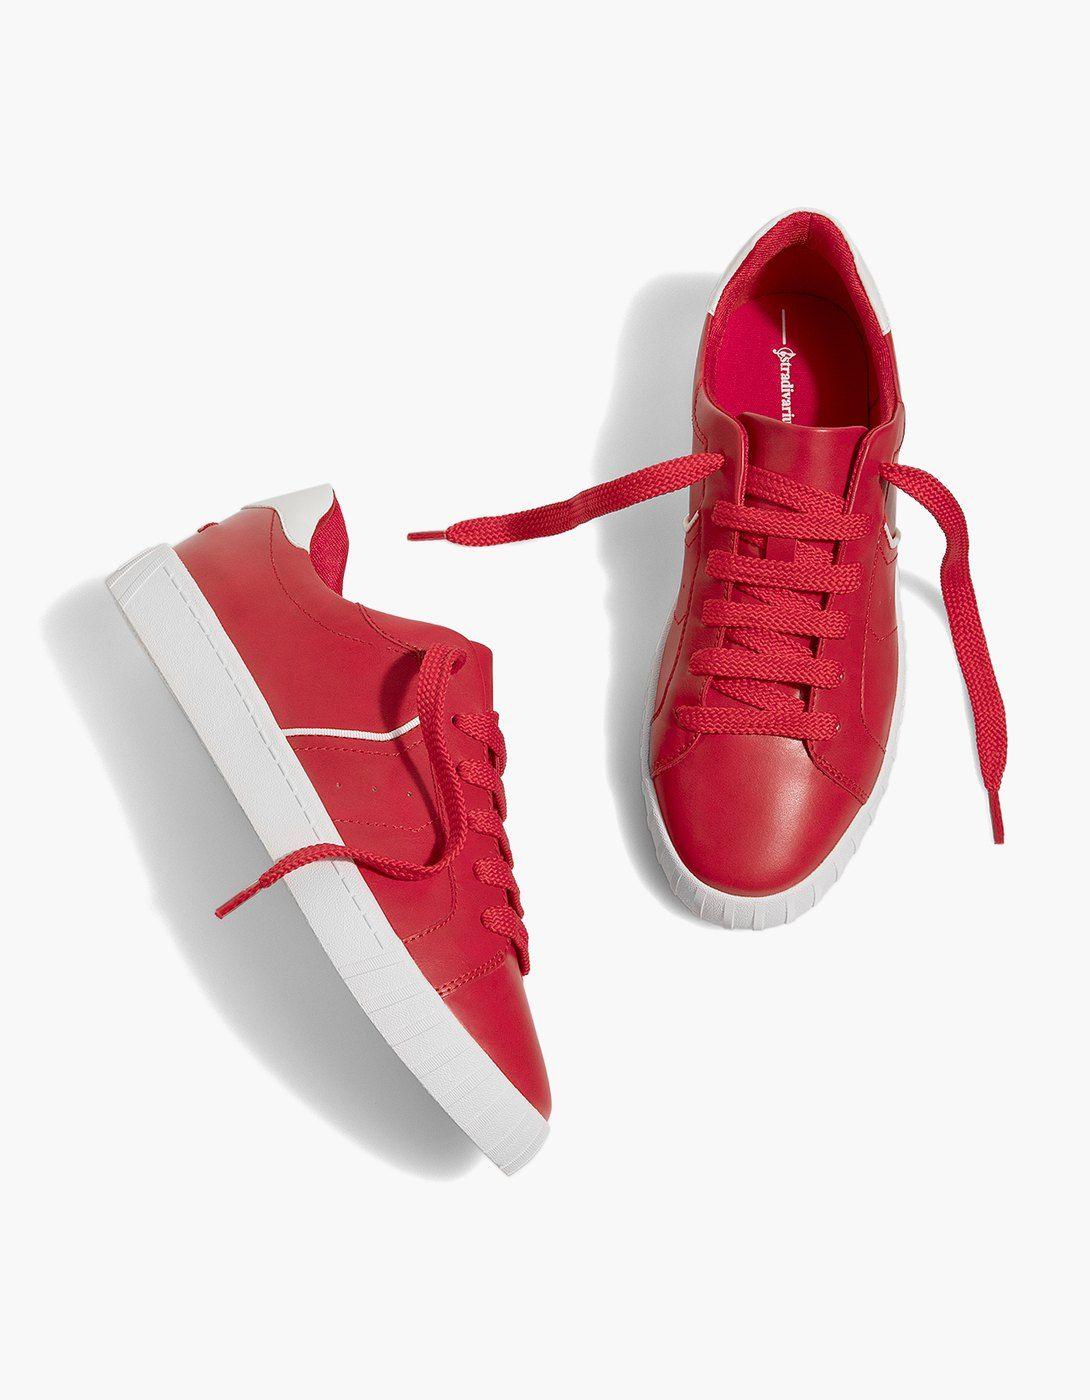 42716388c16 Zapatilla cordones roja - Todos